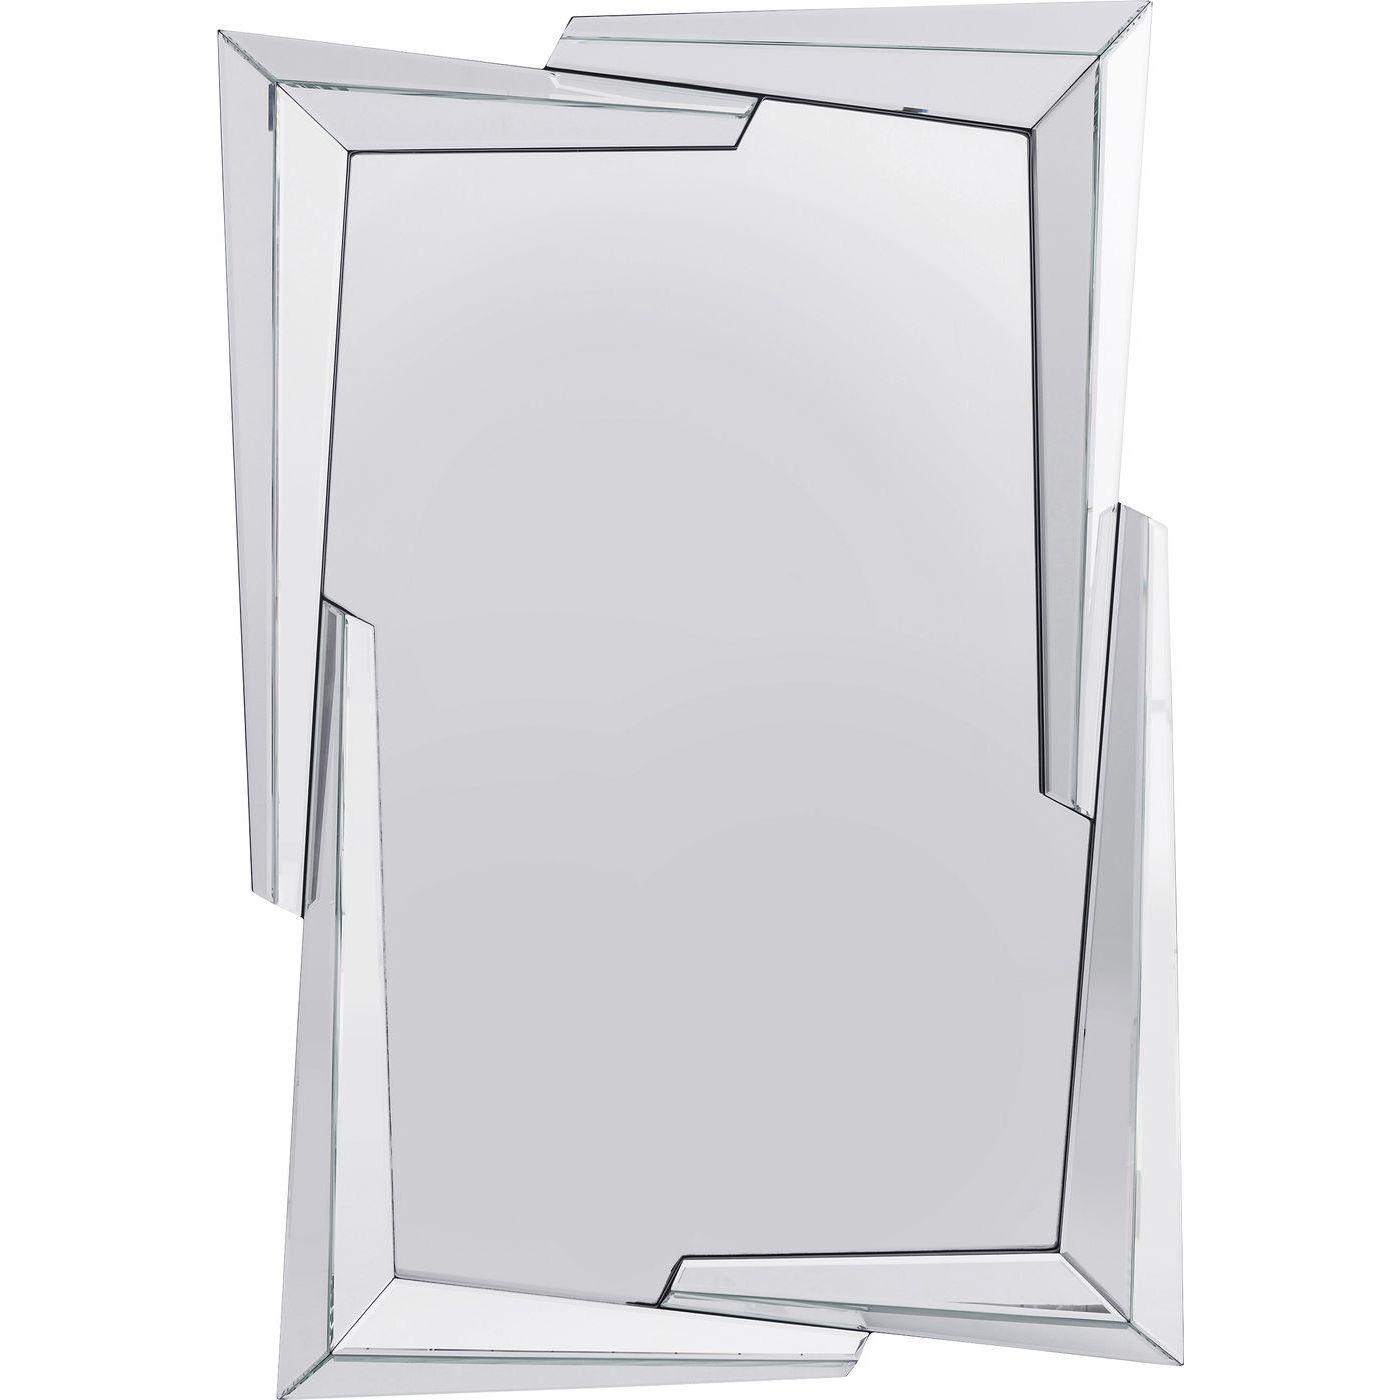 kare design – Kare design boomerang vægspejl - spejlglas, rektangulær (122x82) på boboonline.dk